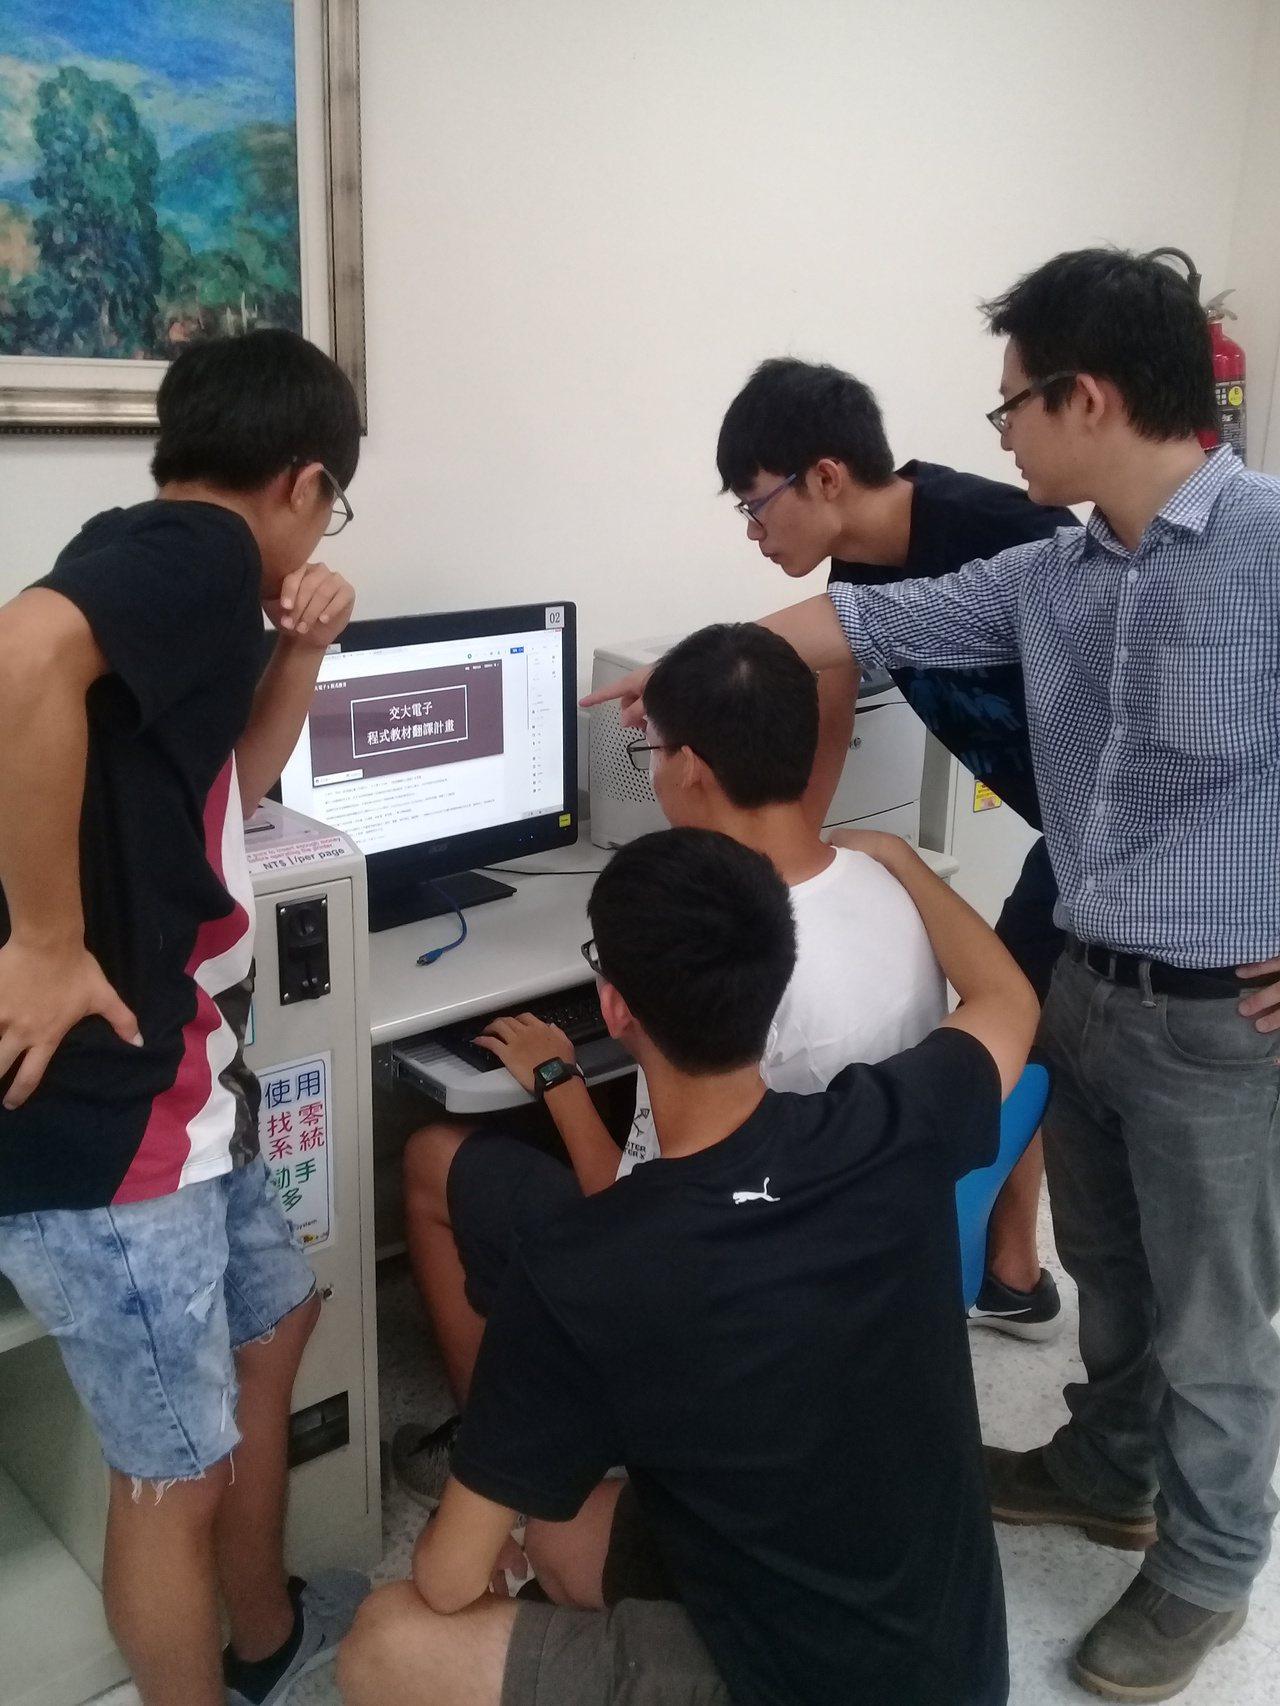 交大電子系學生響應李嵩聲提議的紙飛機計畫。圖/交大提供